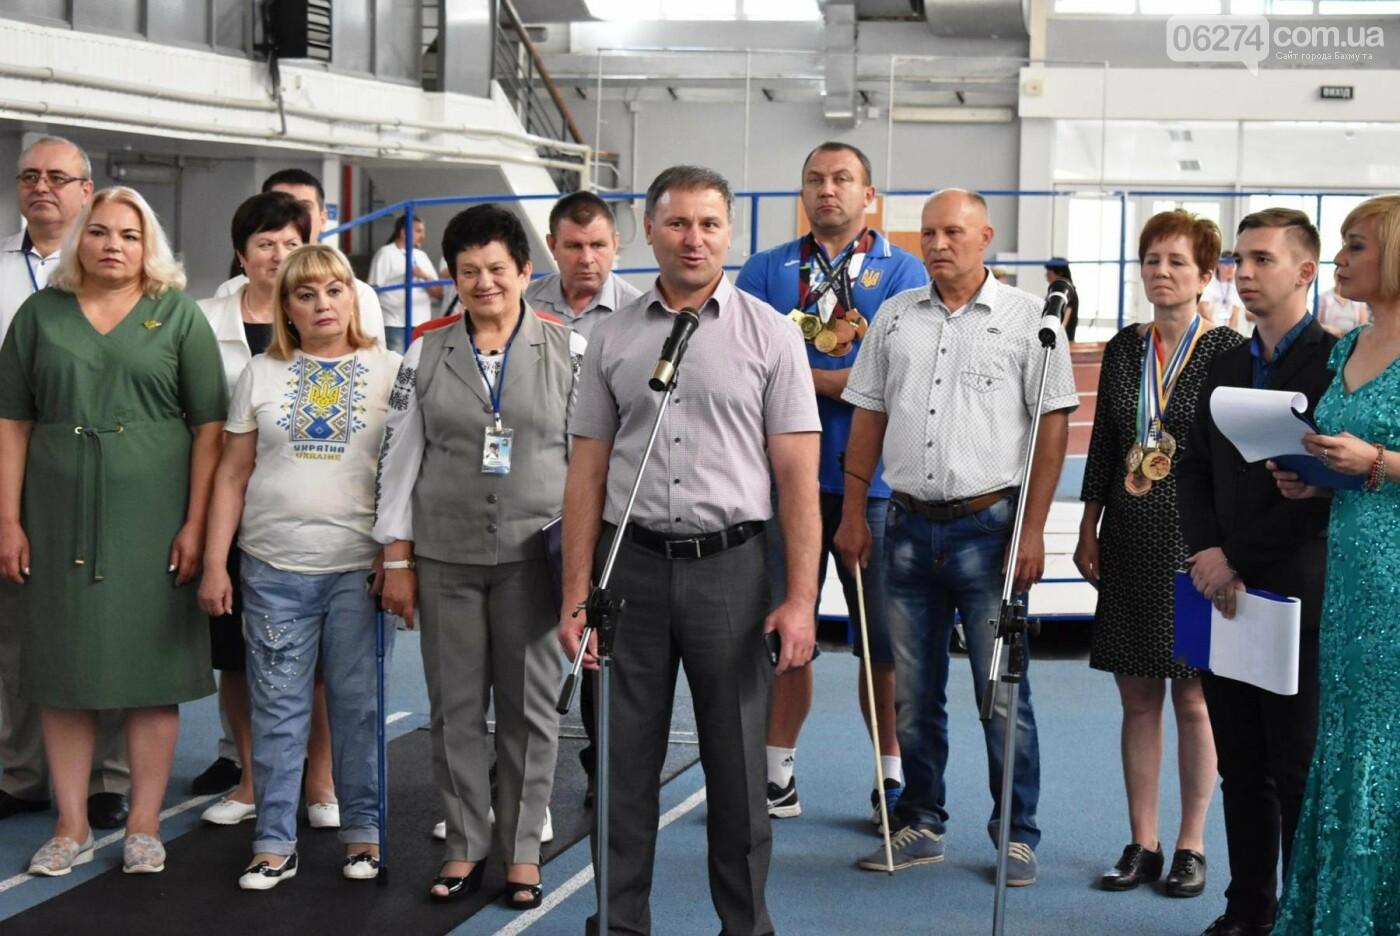 Бахмут четвертый раз принял всеукраинскую спартакиаду «Сила духа», фото-13